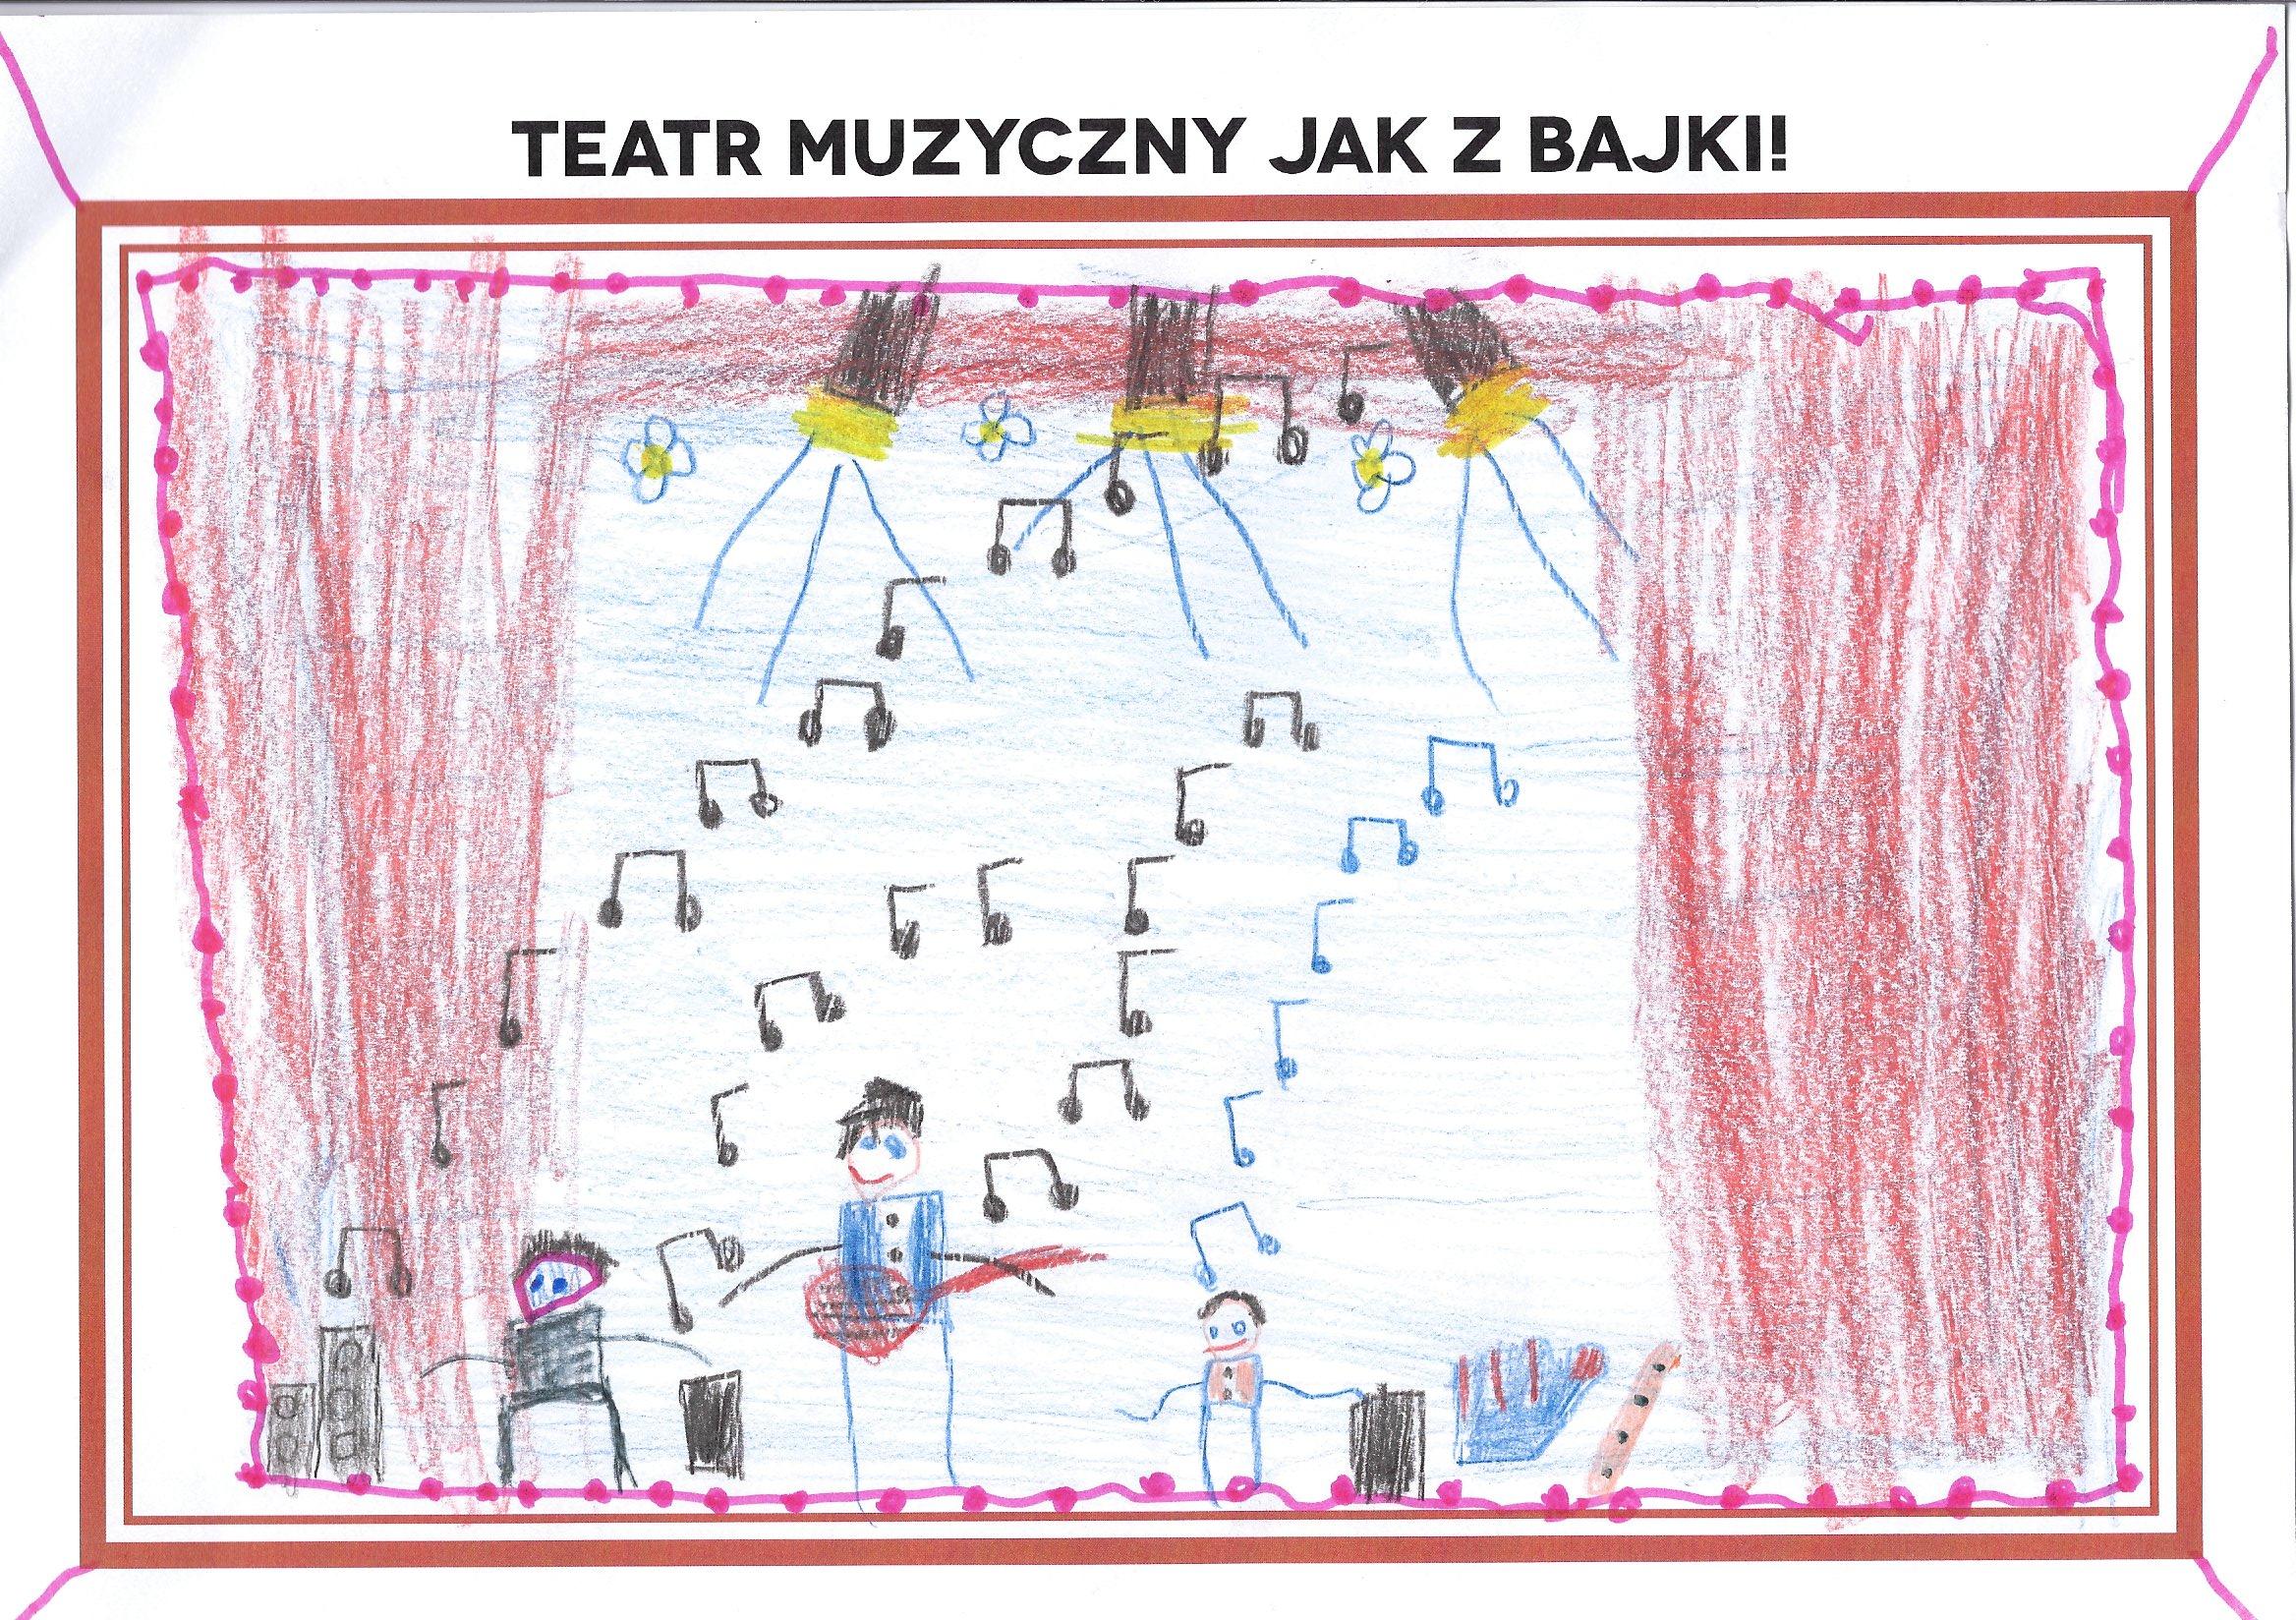 Teatr Muzyczny jak z bajki!_Strona_11